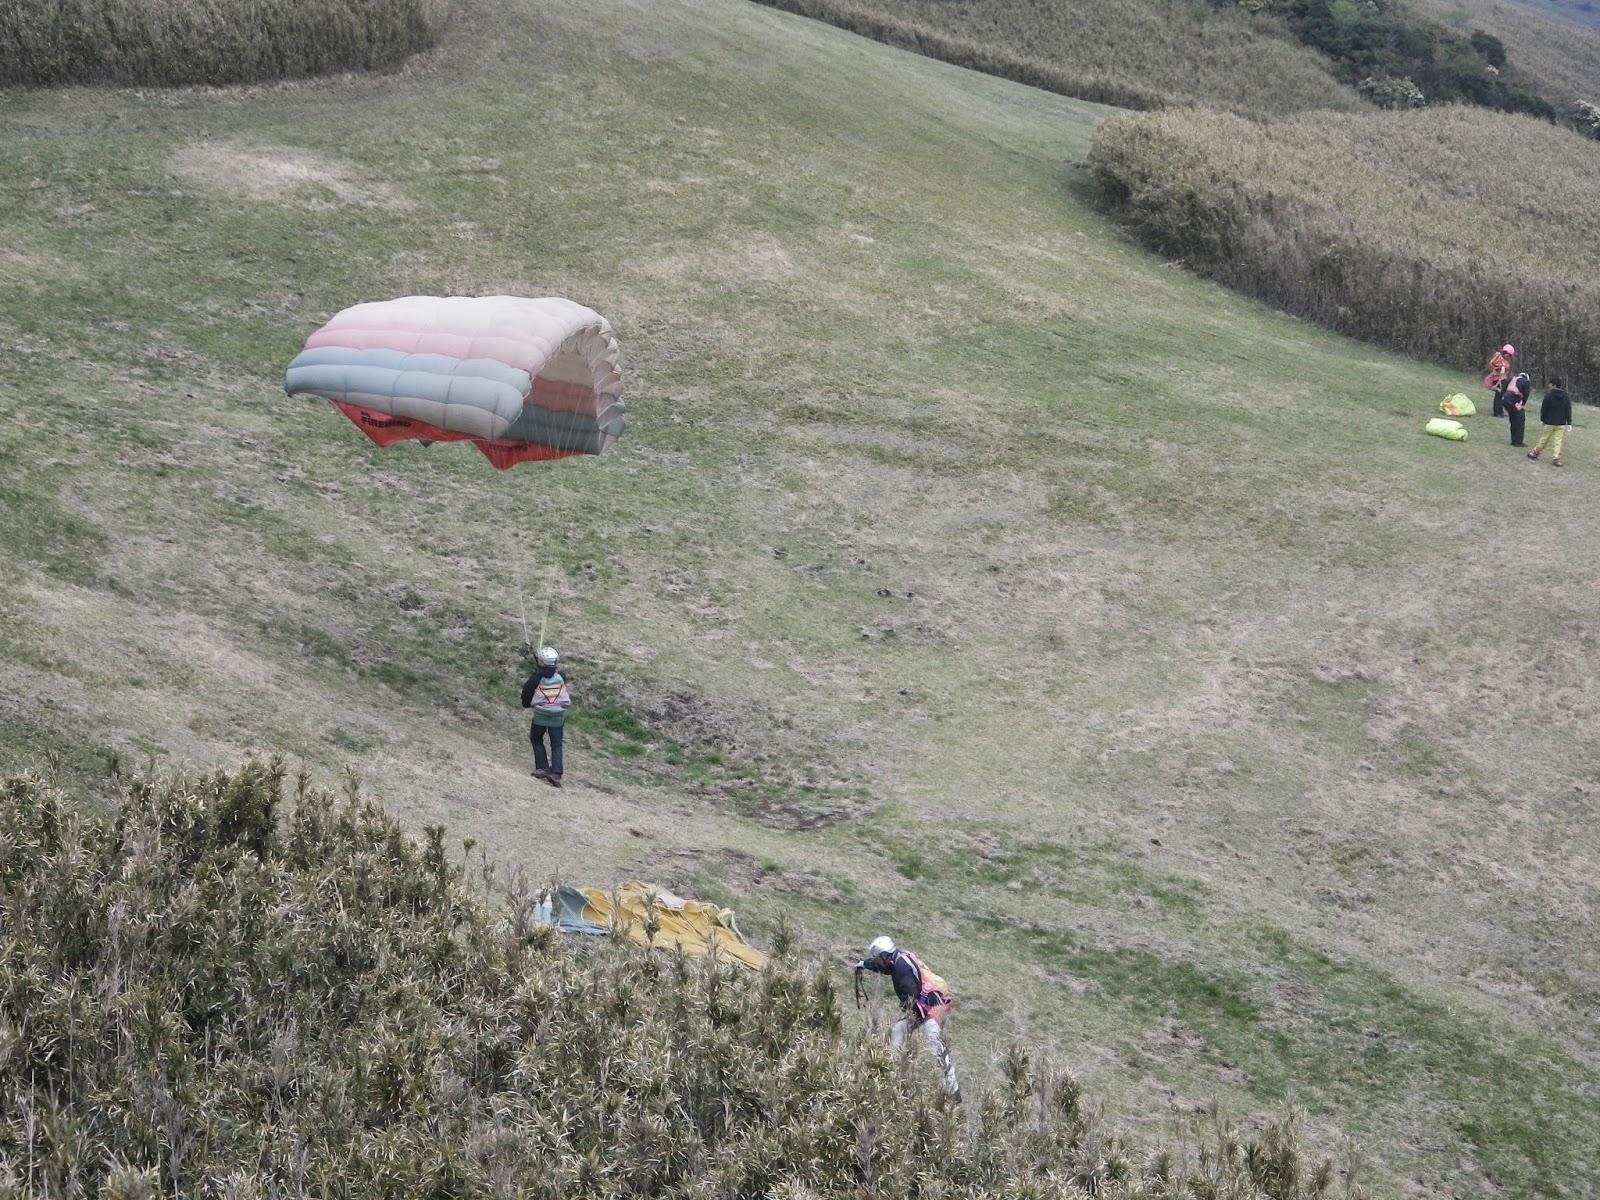 パラフィールドNOW!www.paraglider.co.jp